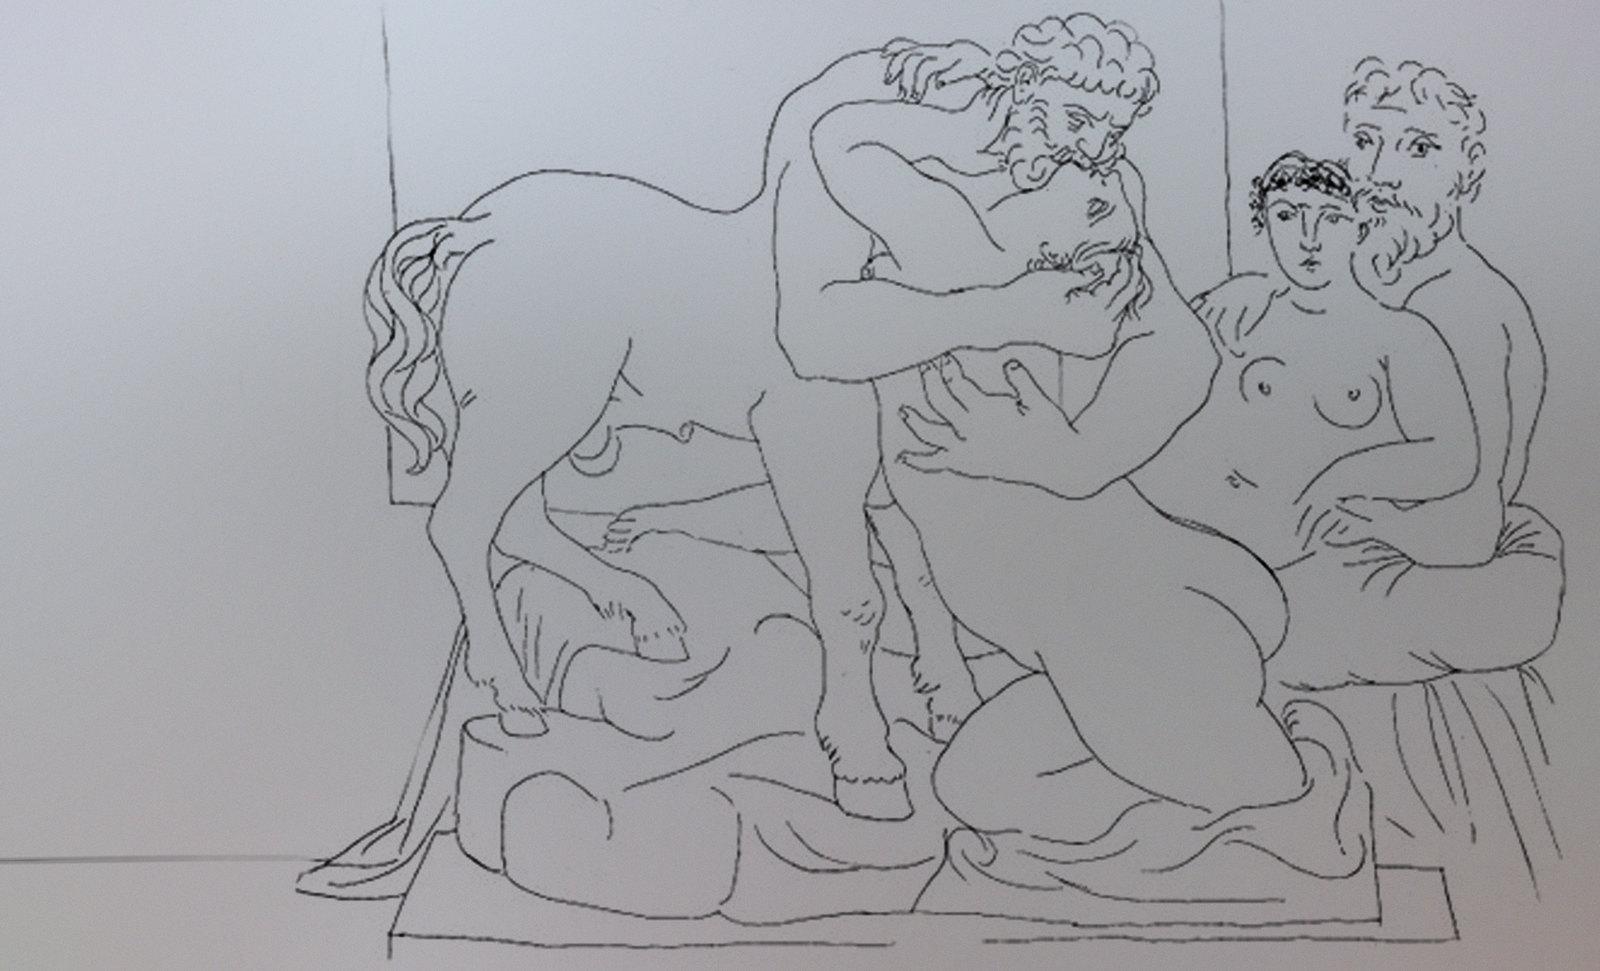 54Pablo Picasso